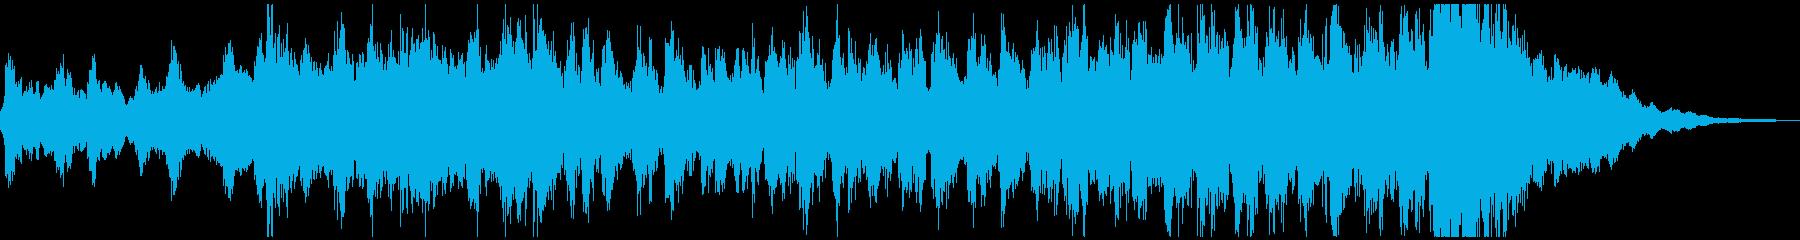 コーナータイトル_アクションシネマ系の再生済みの波形